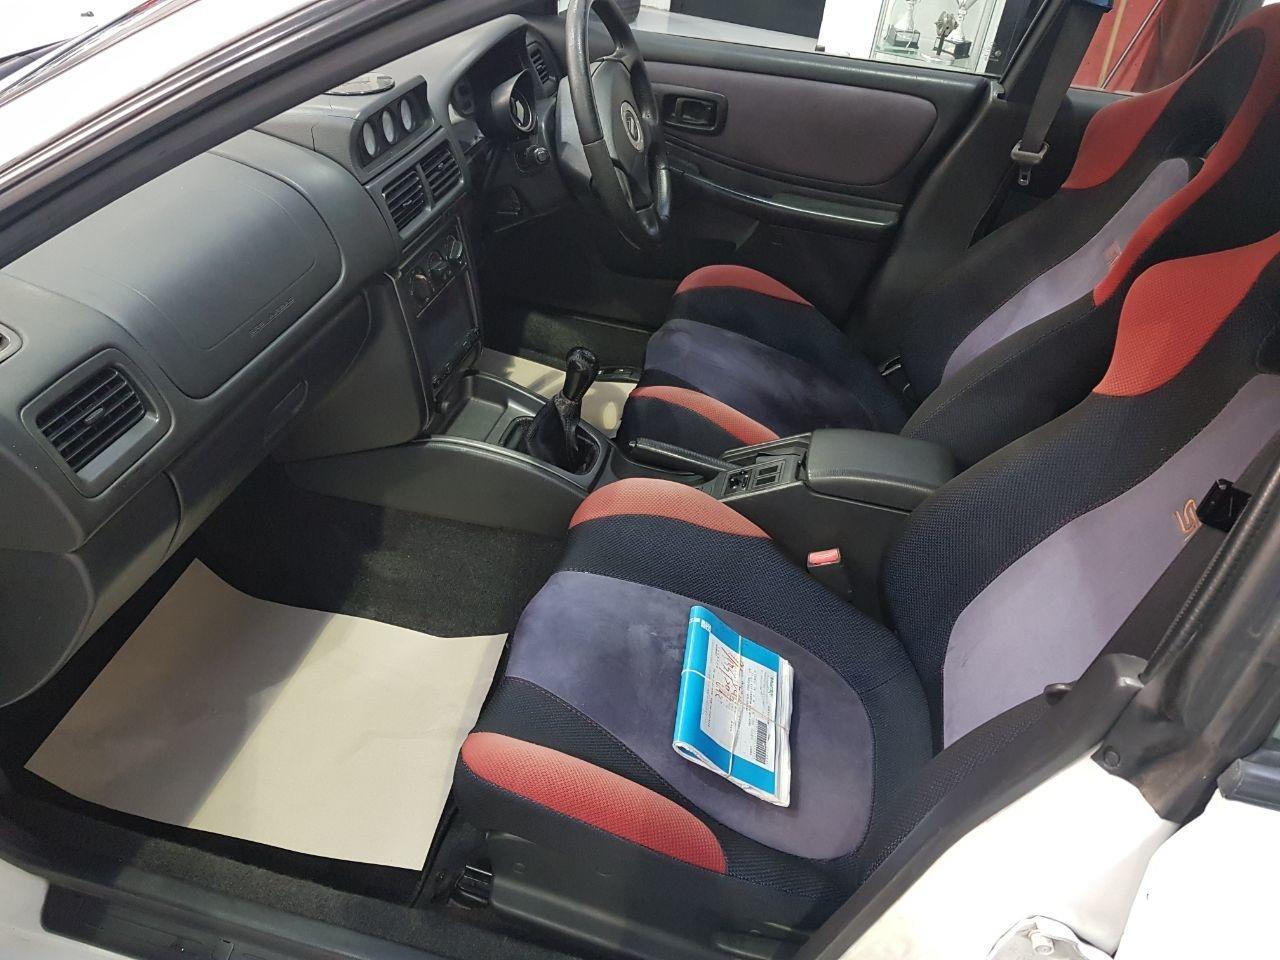 1998 Subaru Impreza 2.0 WRX STI Version 5 - GC8 For Sale (picture 4 of 6)